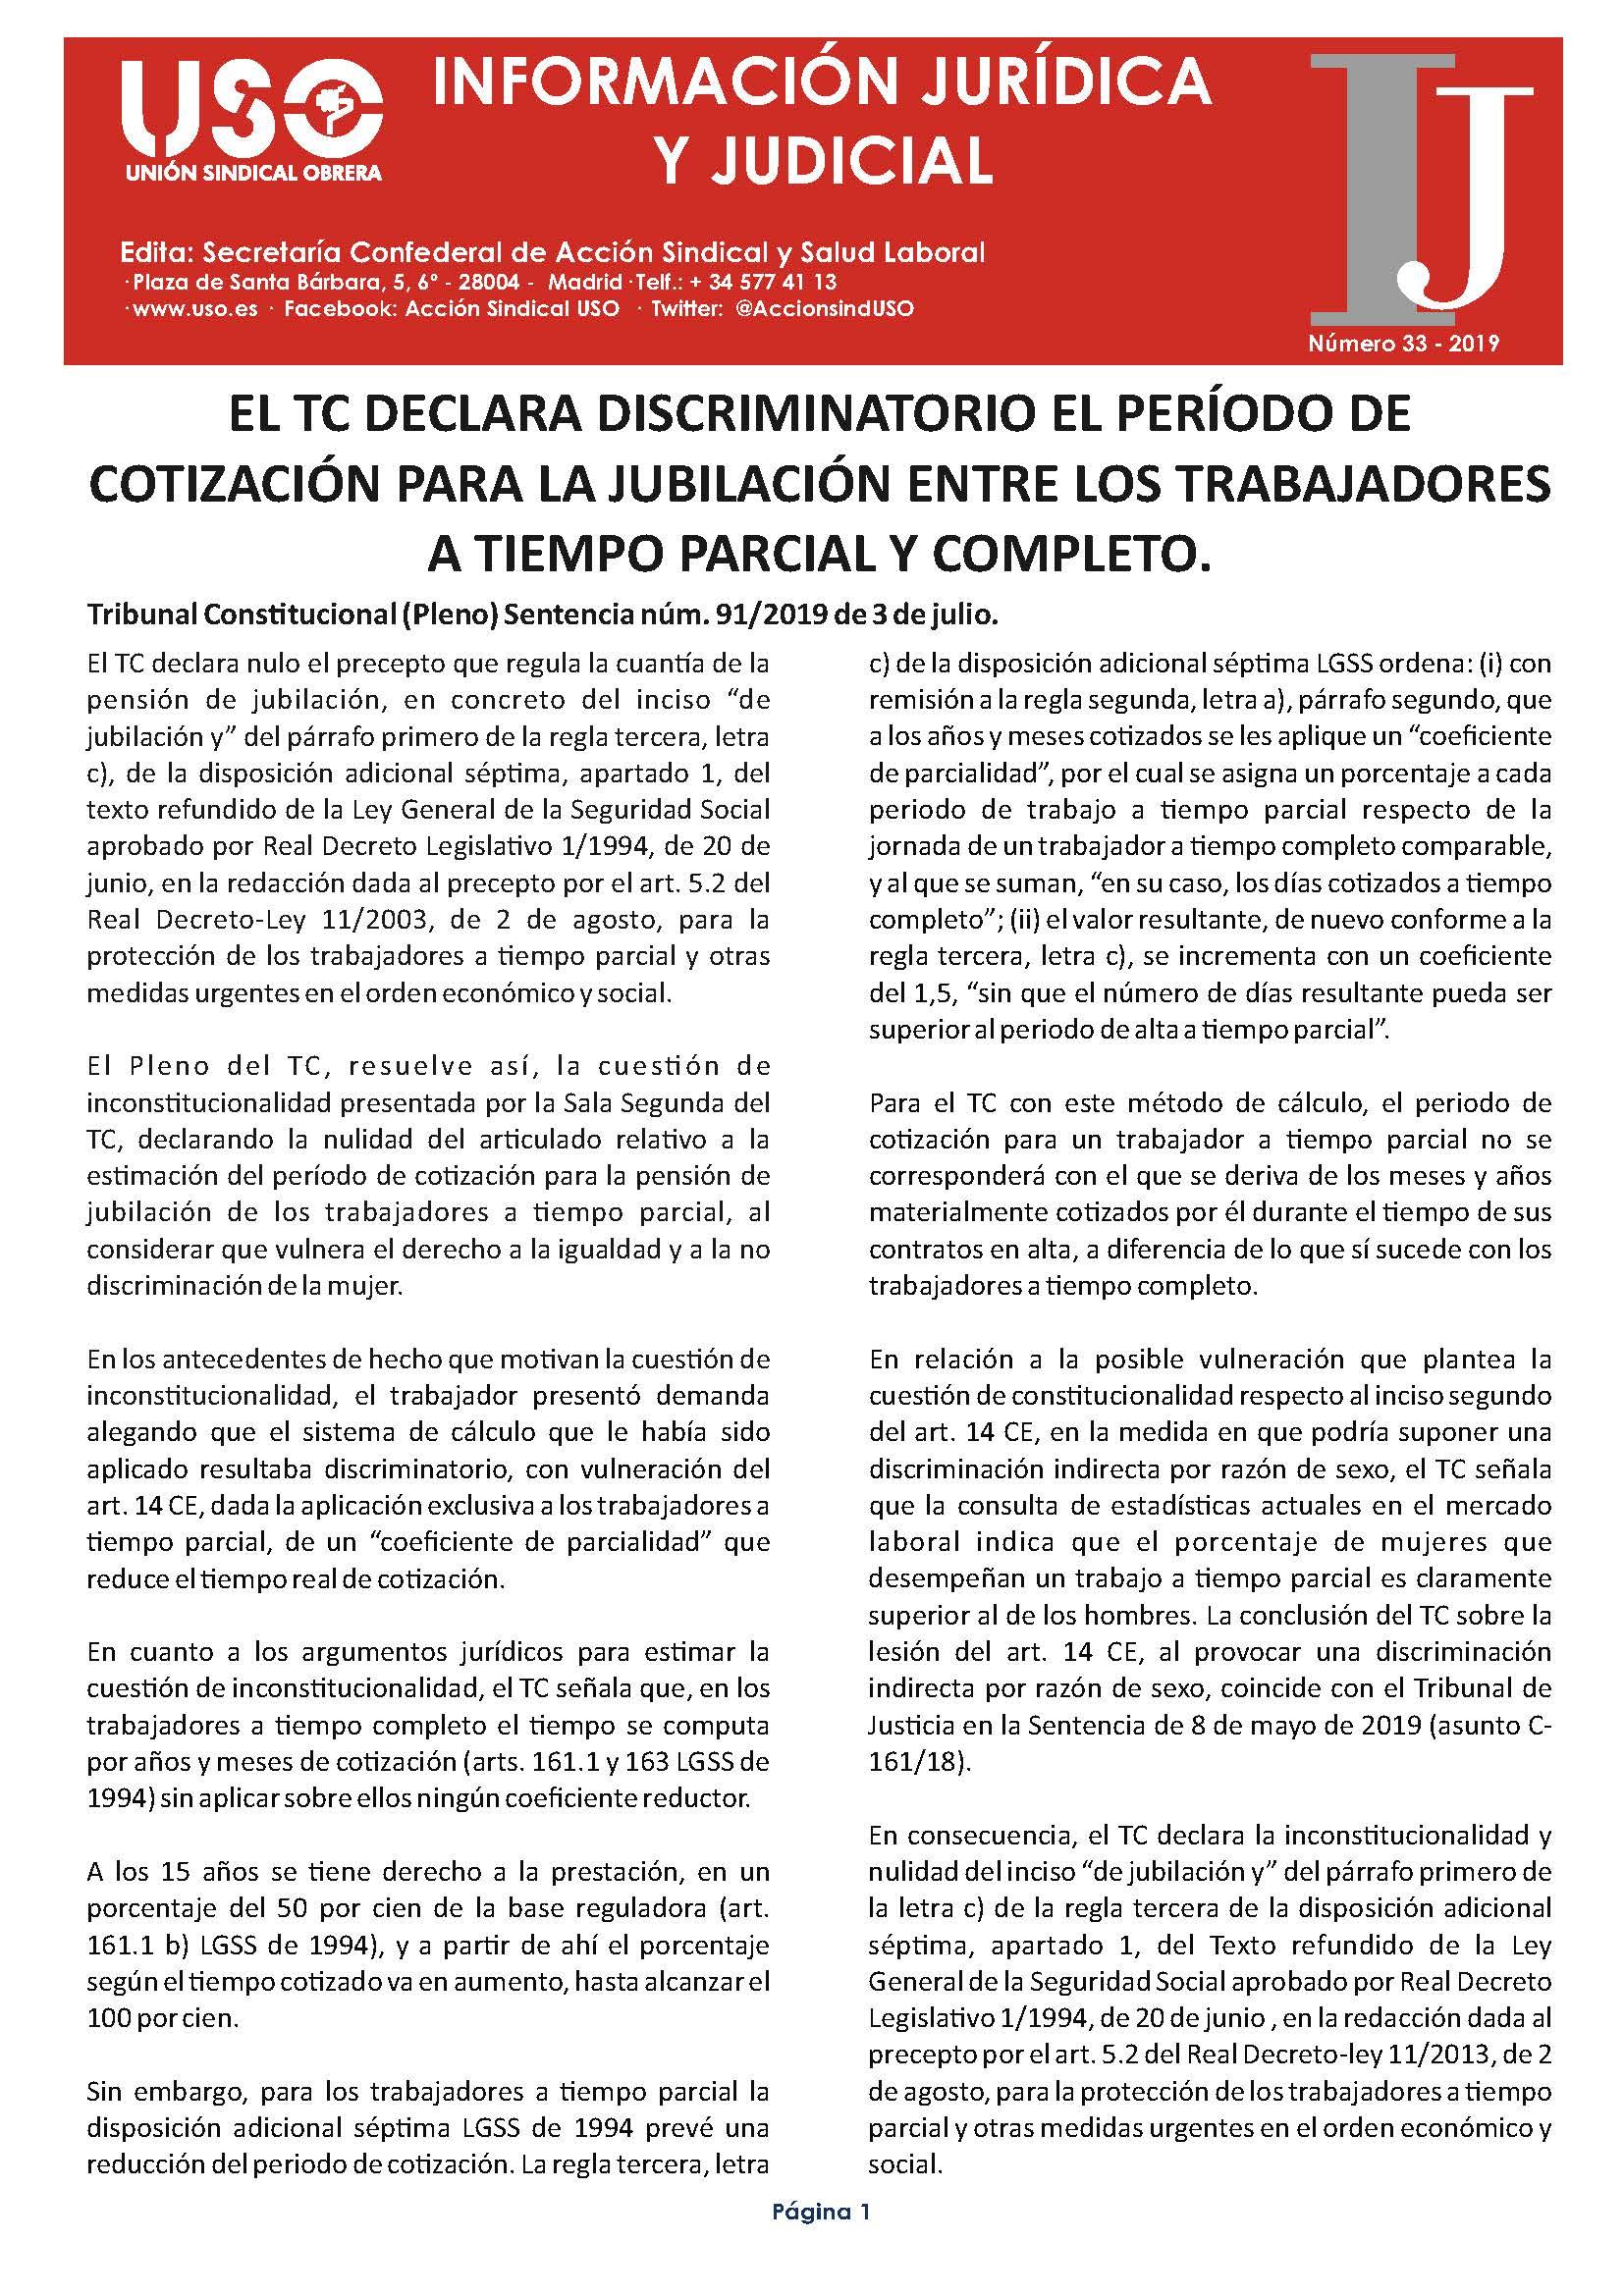 Información Jurídica y Judicial nº 33